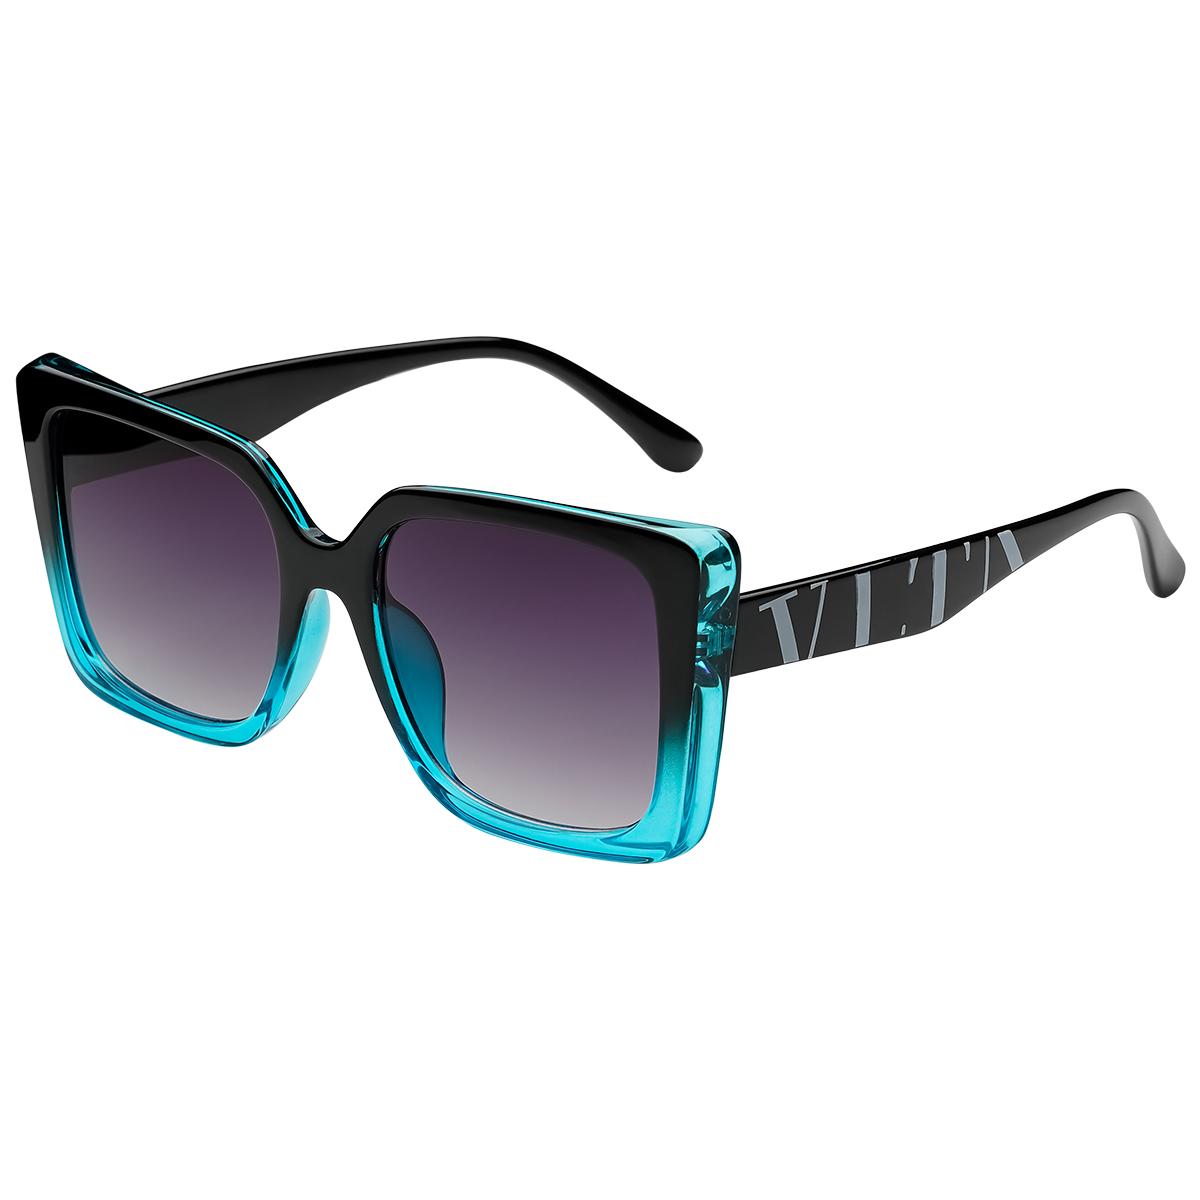 Zonnebril VLTA mint zwart zwarte vierkante dames zonnebrillen vlta tekst zijkanten trendy festival brillen musthaves kopen bestellen yehwang